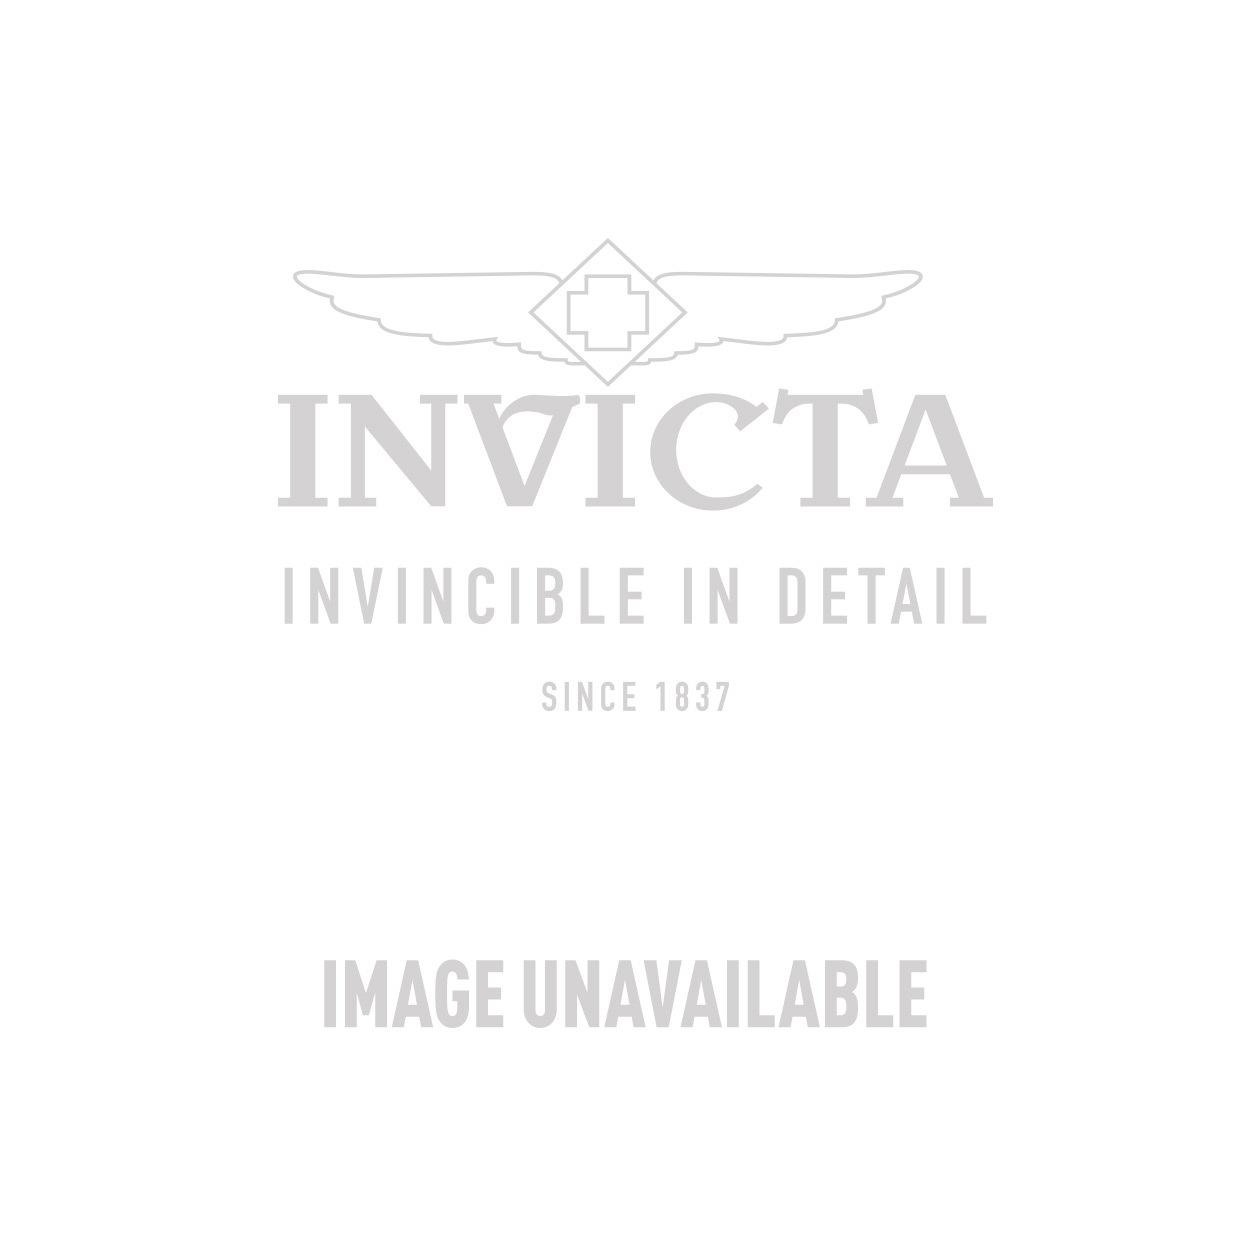 Invicta Model 22226